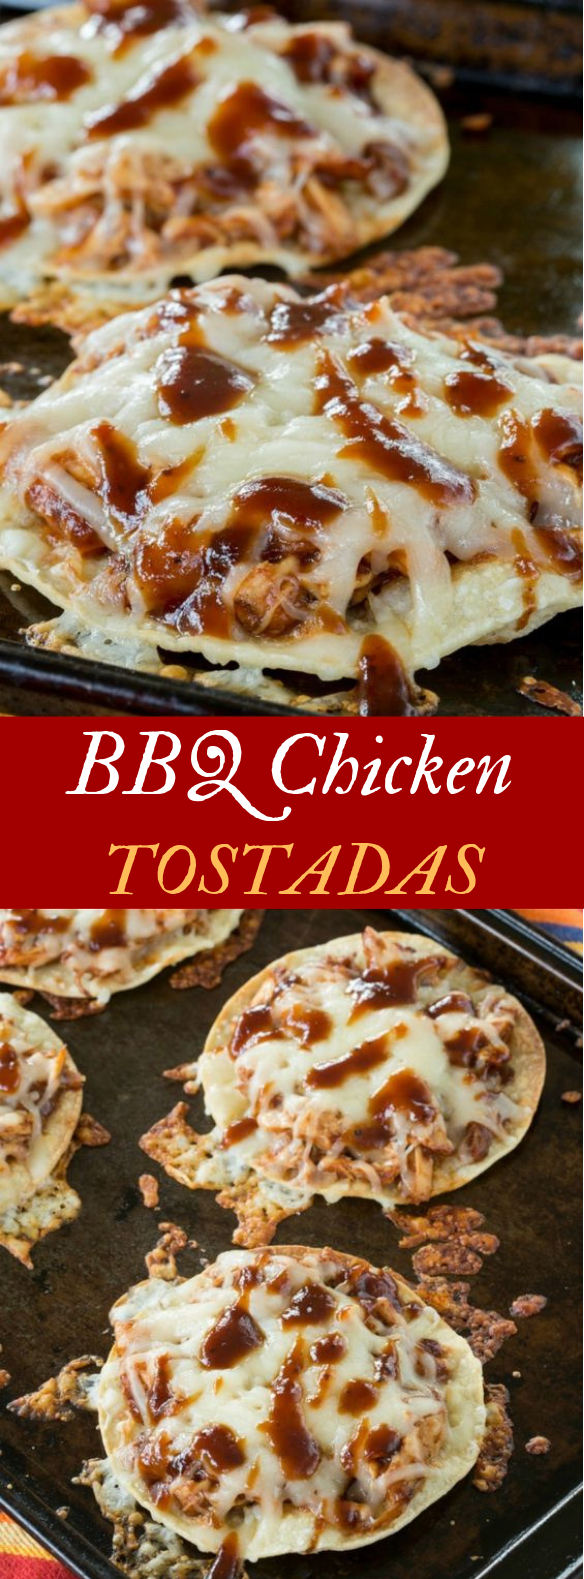 BBQ CHICKEN TOSTADAS #QuickDinner #EasyDinner